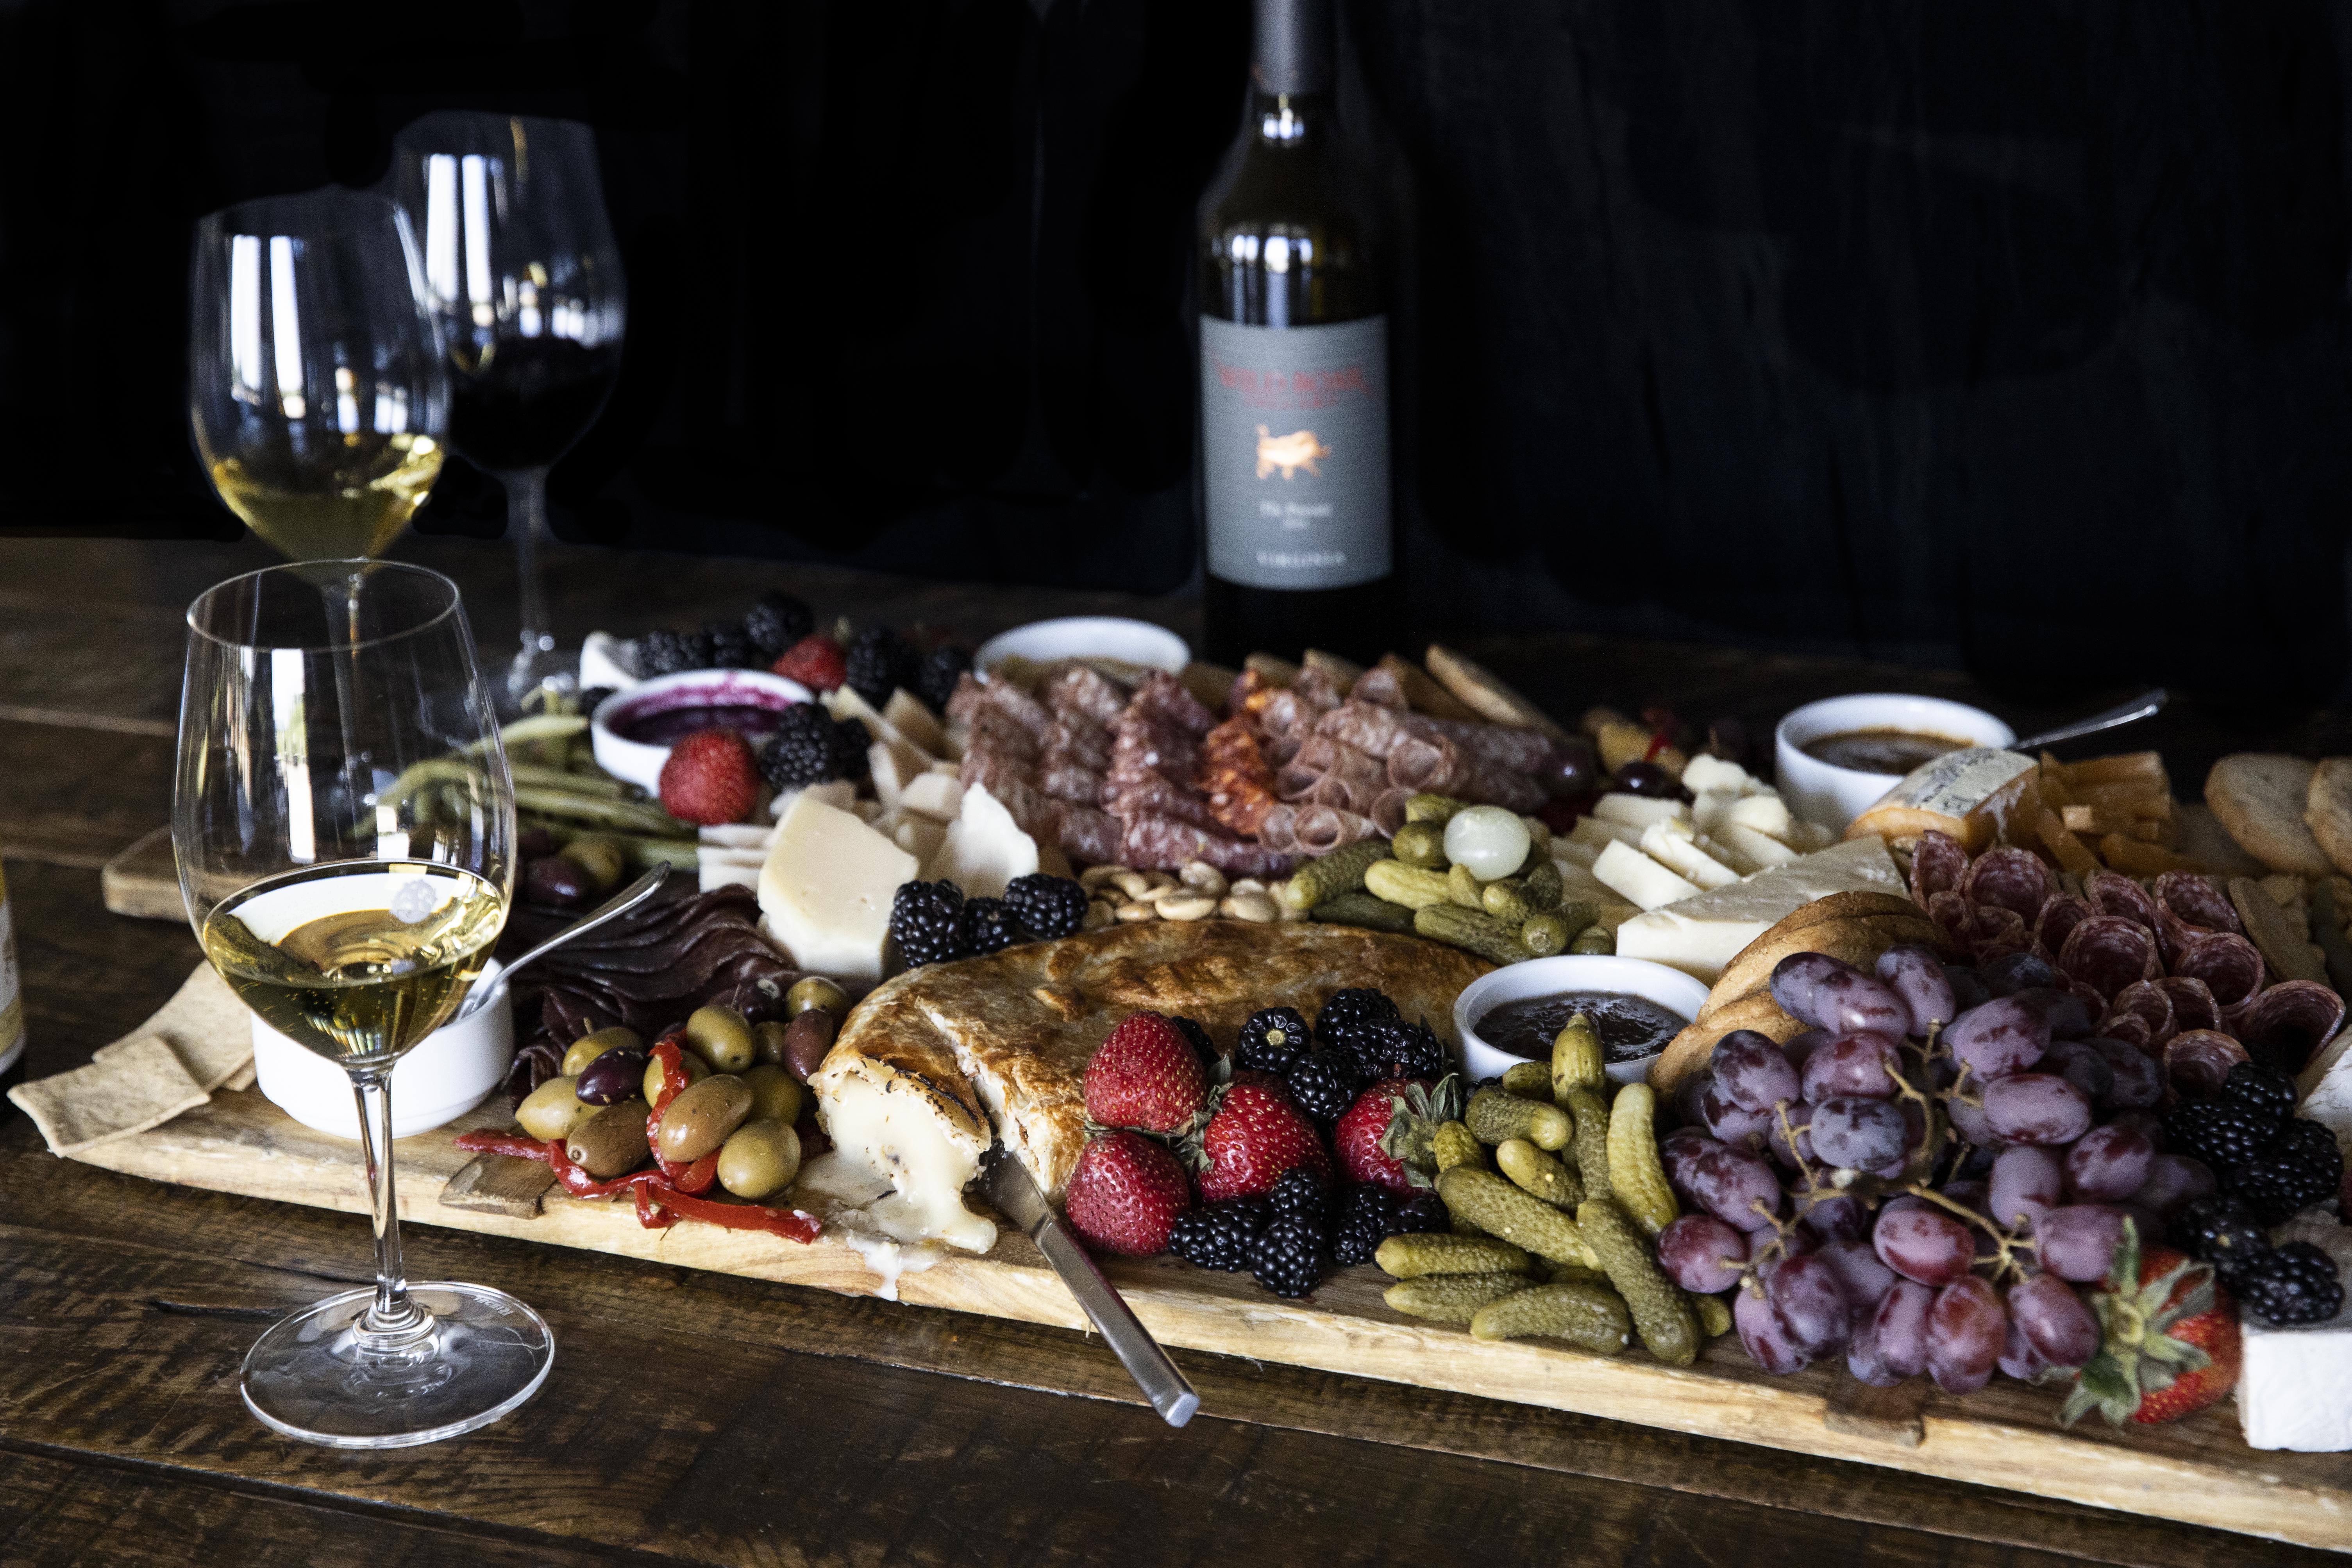 Virginia Wineries Raising the Bar With Premium Experiences